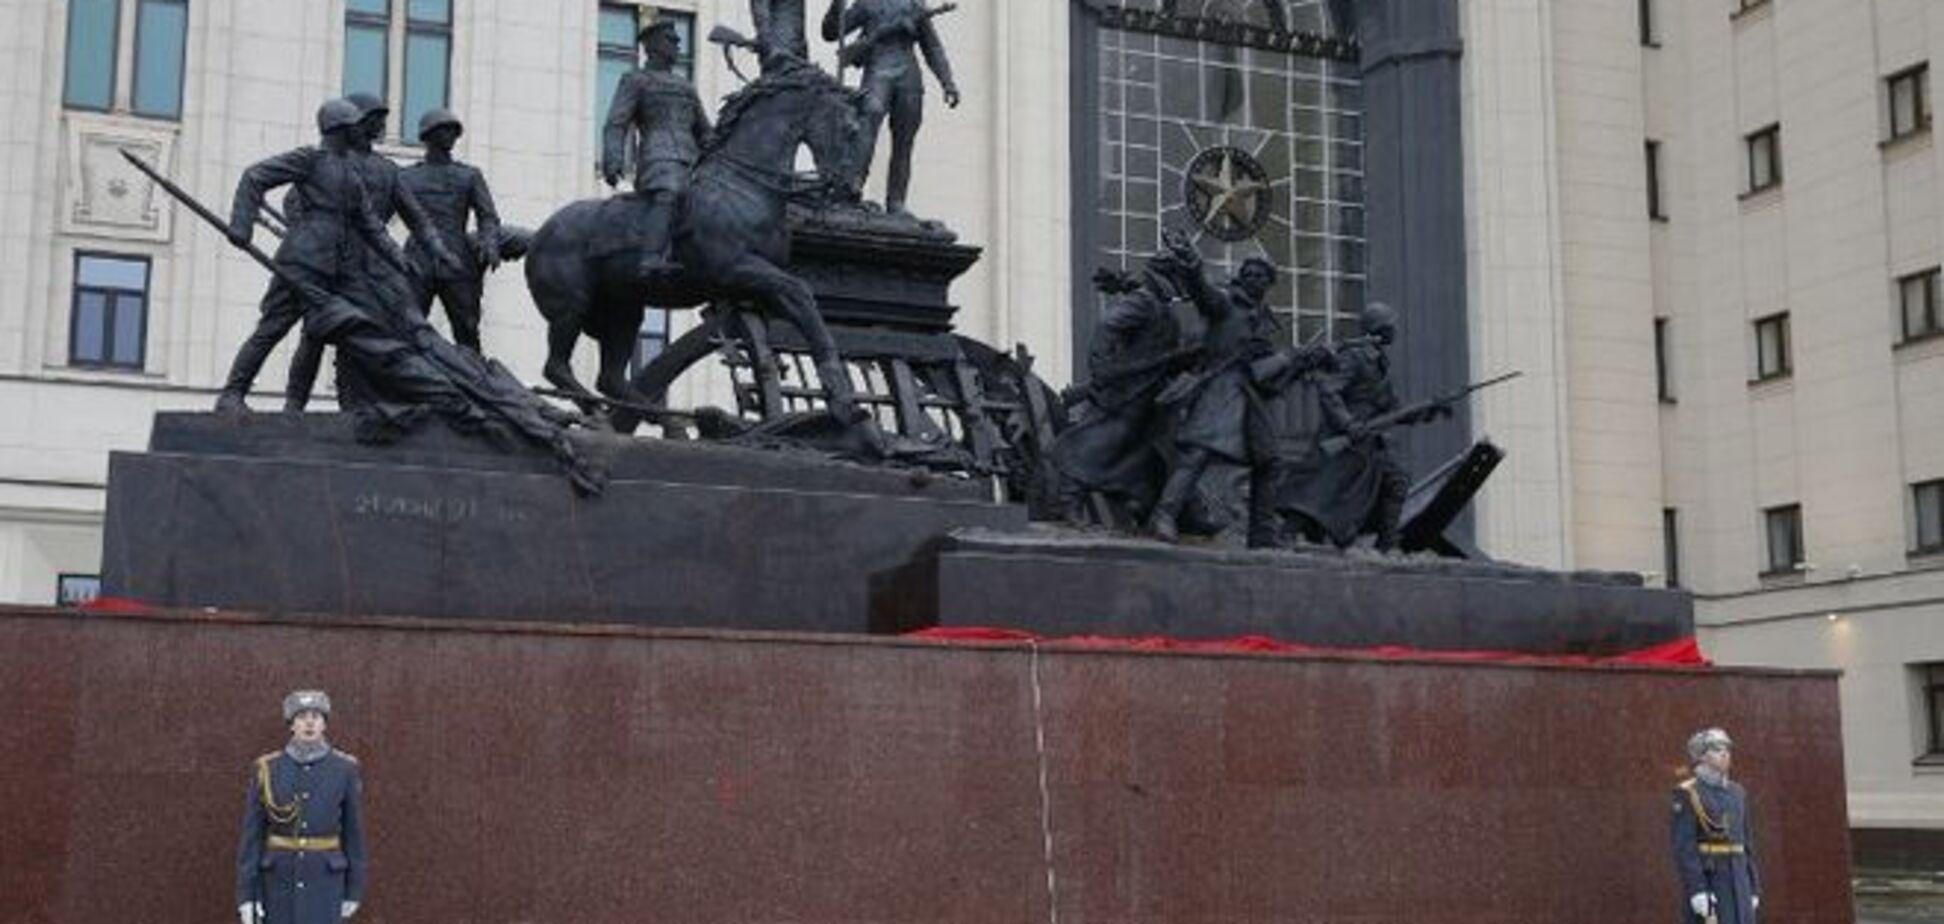 Минобороны России признало пленных ГРУ-шников и потребовало их освободить